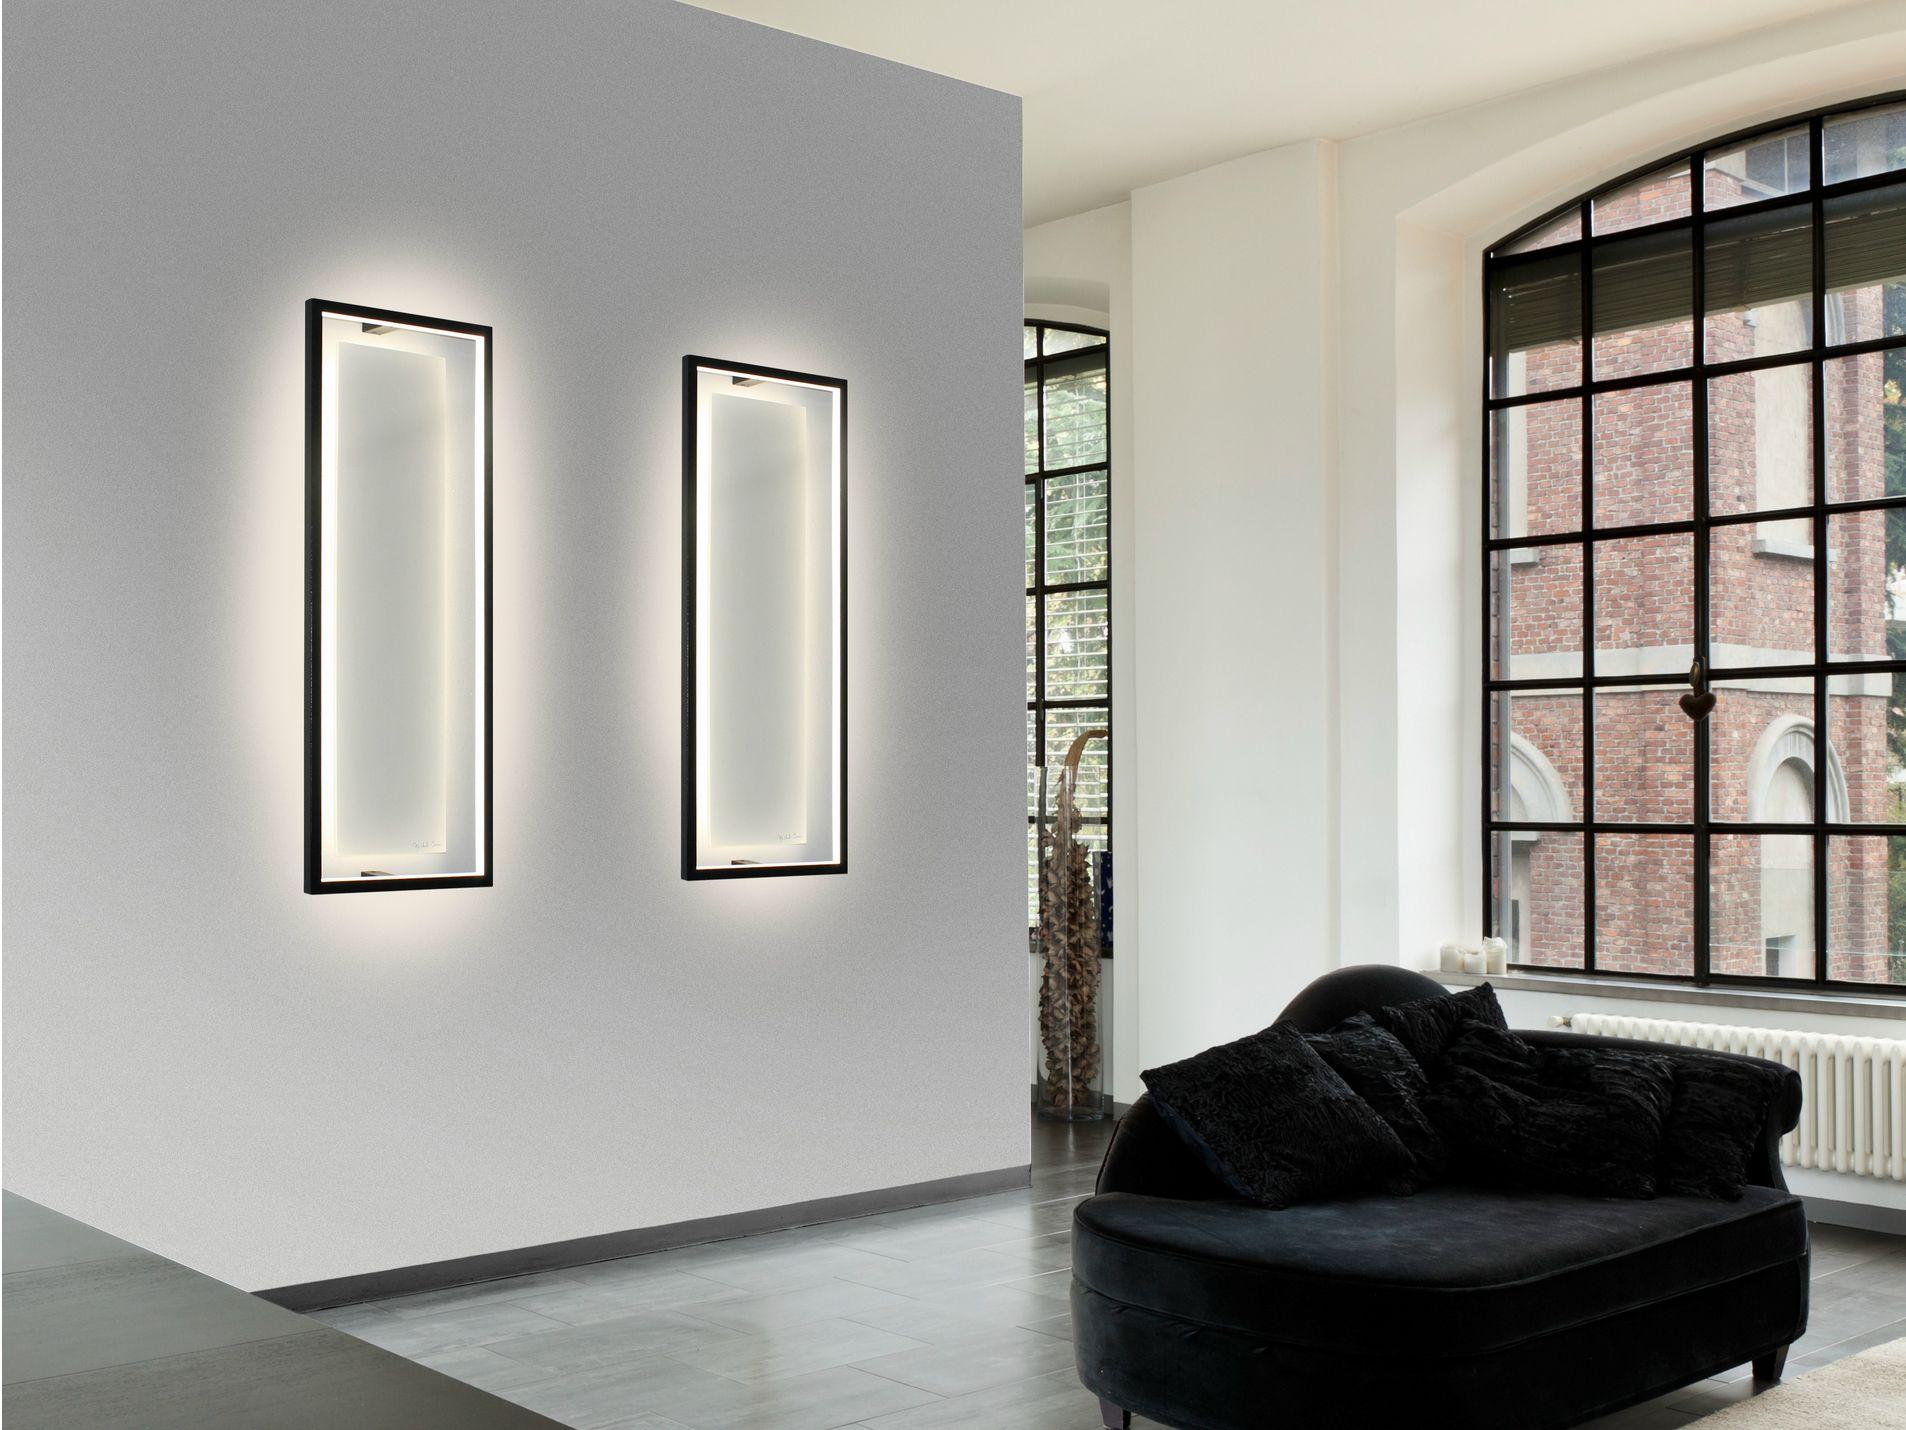 Luz indirecta led with luz indirecta led decoracion led with luz indirecta led aplique de - Luz indirecta led ...